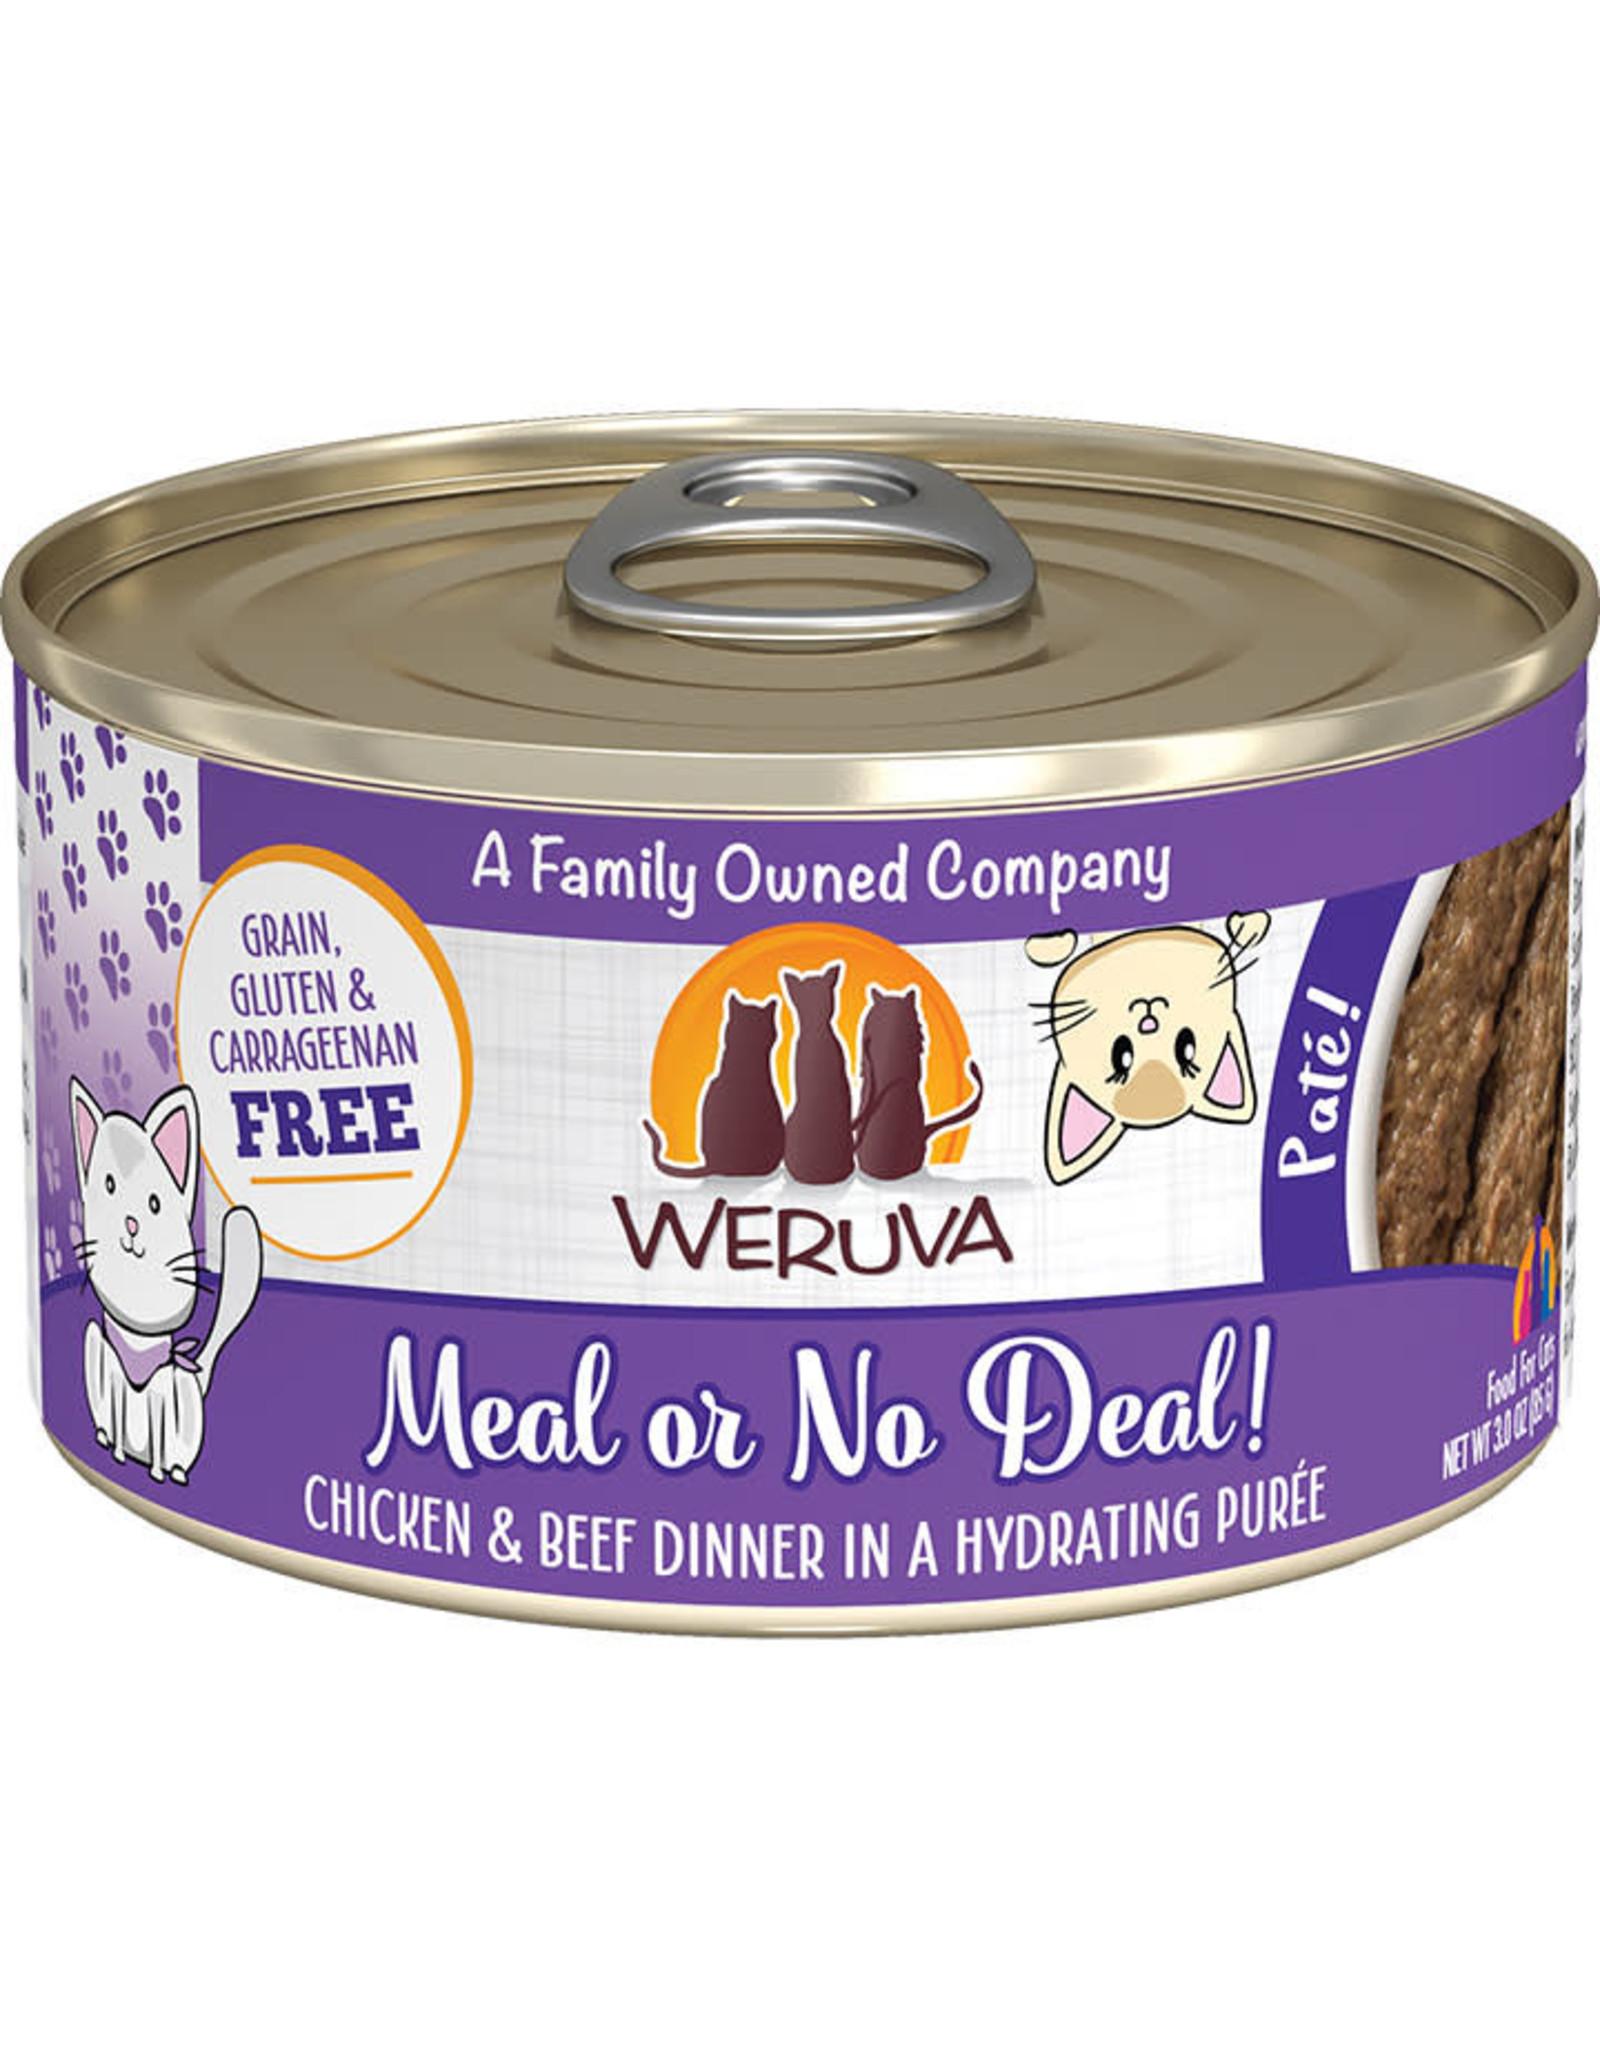 Weruva Weruva Meal or No Deal Chicken & Beef Dinner Pate Cat Food 3oz